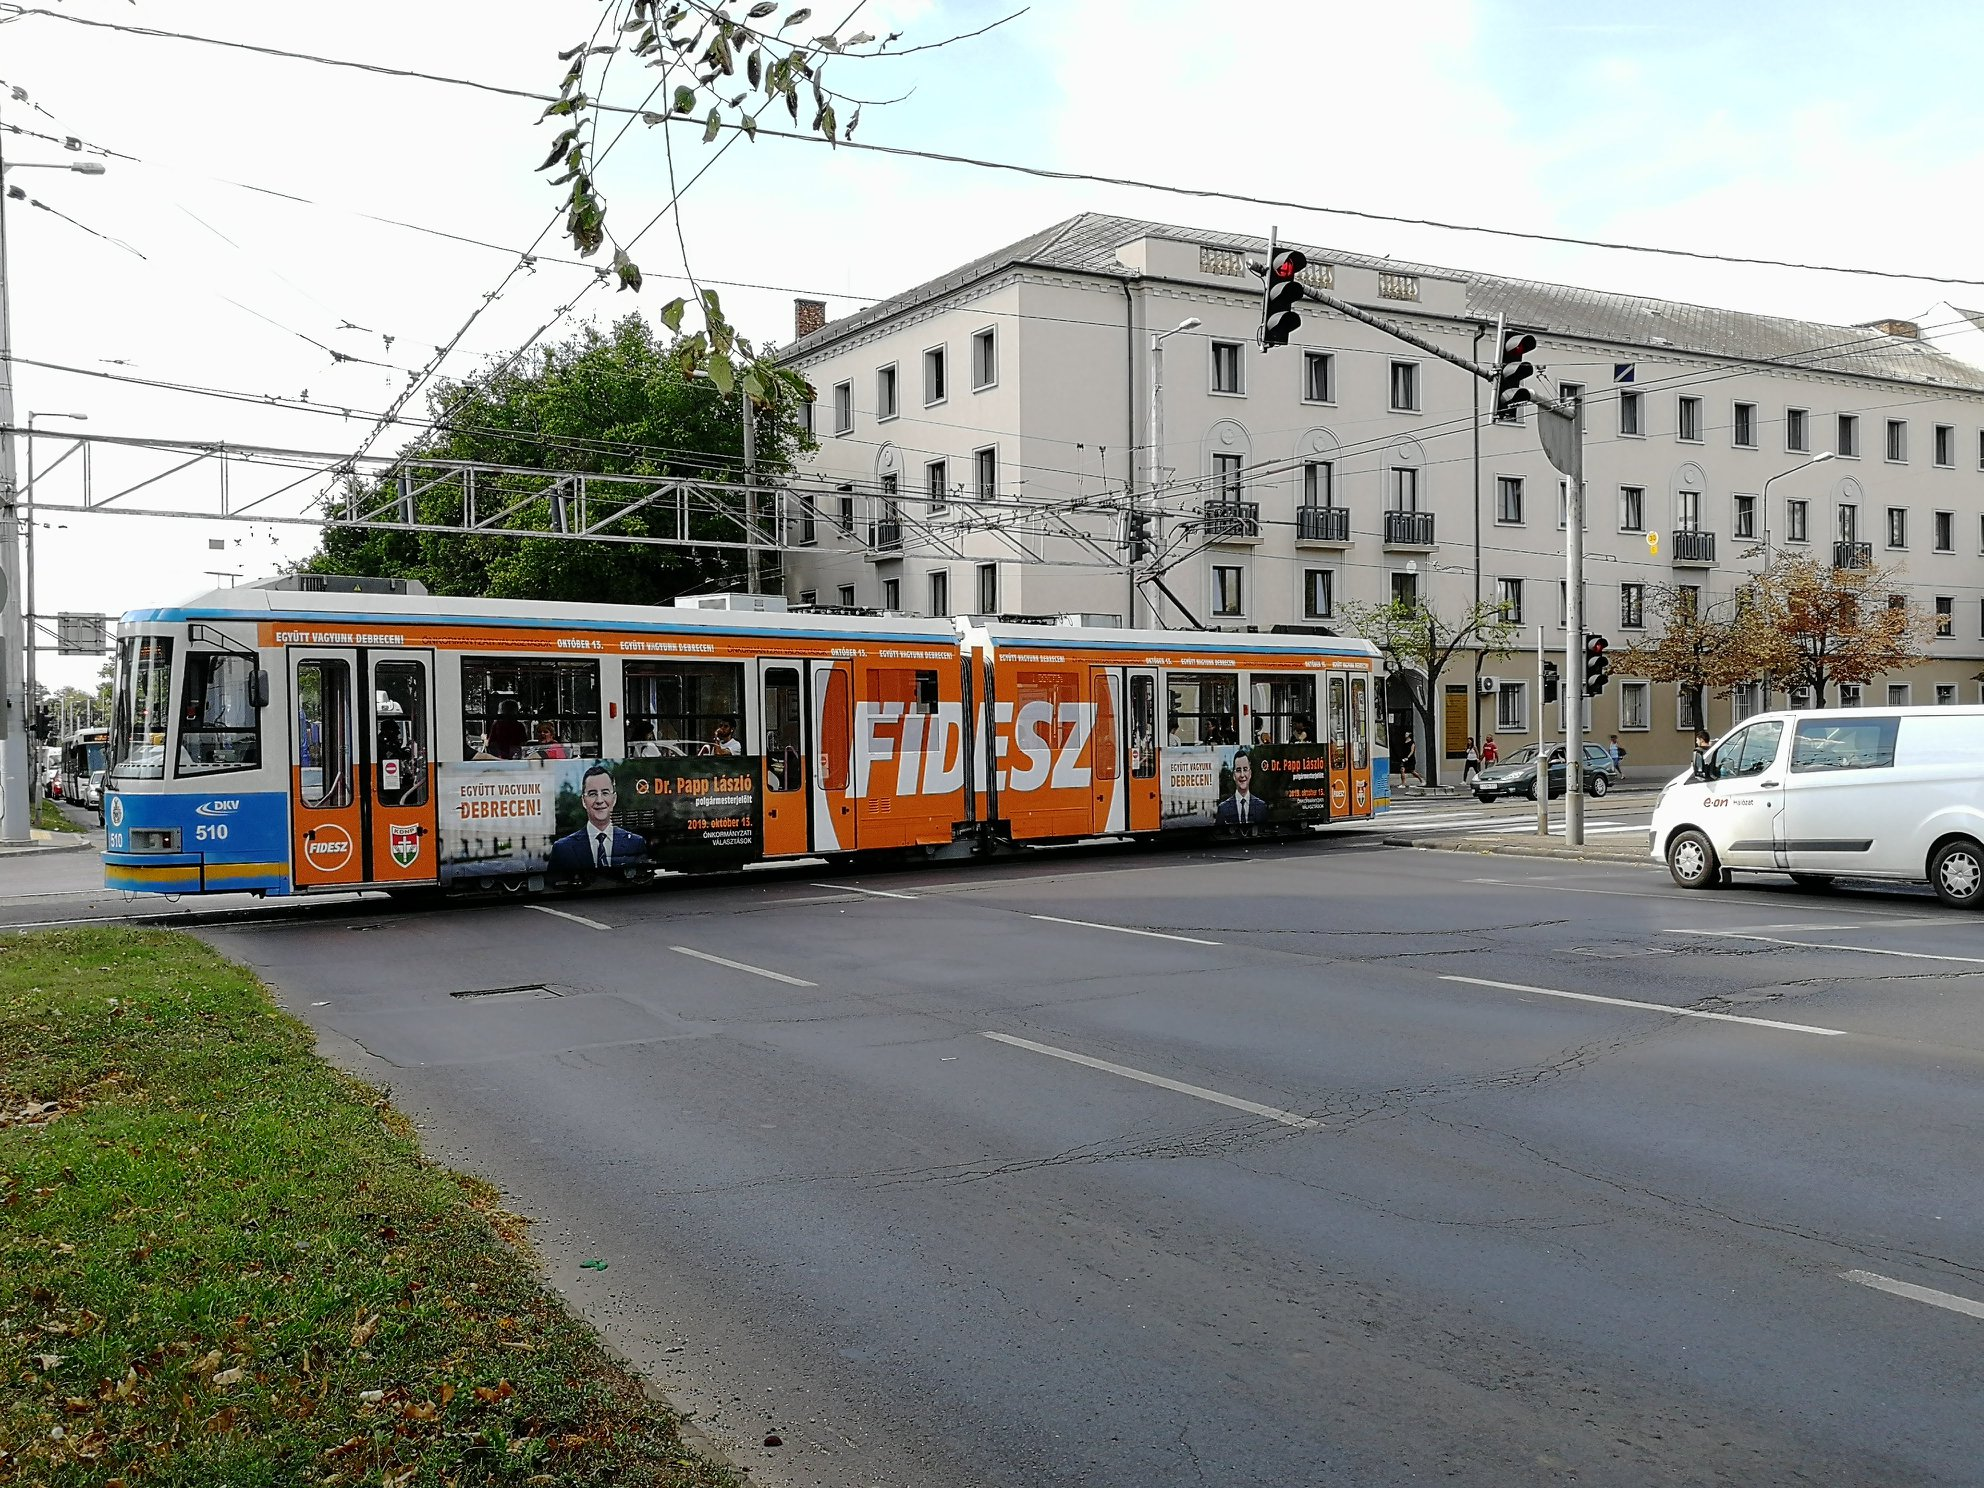 Debrecenben Fidesz-villamos viszi az utasokat